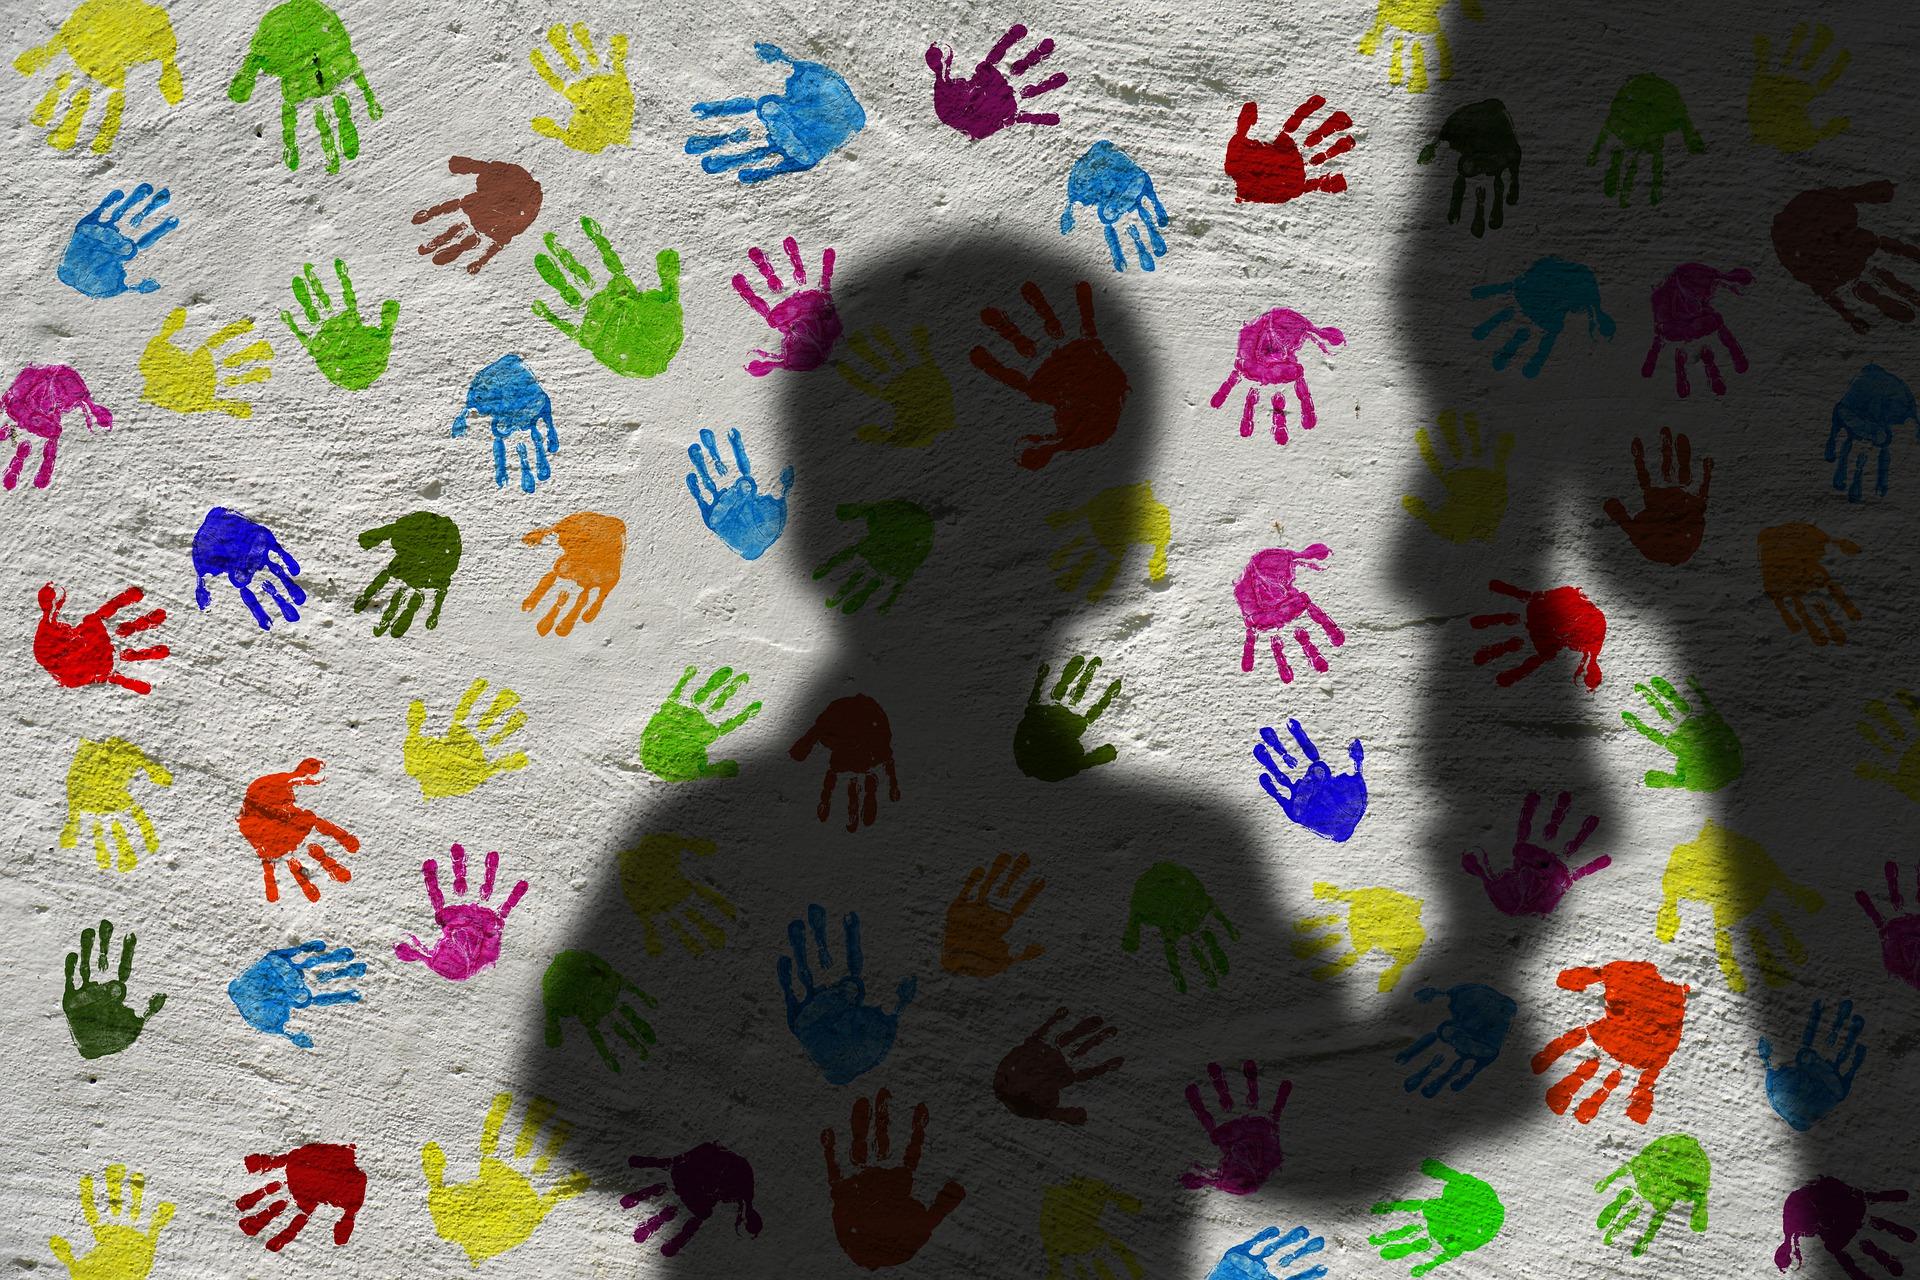 El abuso sexual infantil es mucho más habitual de lo que creemos.